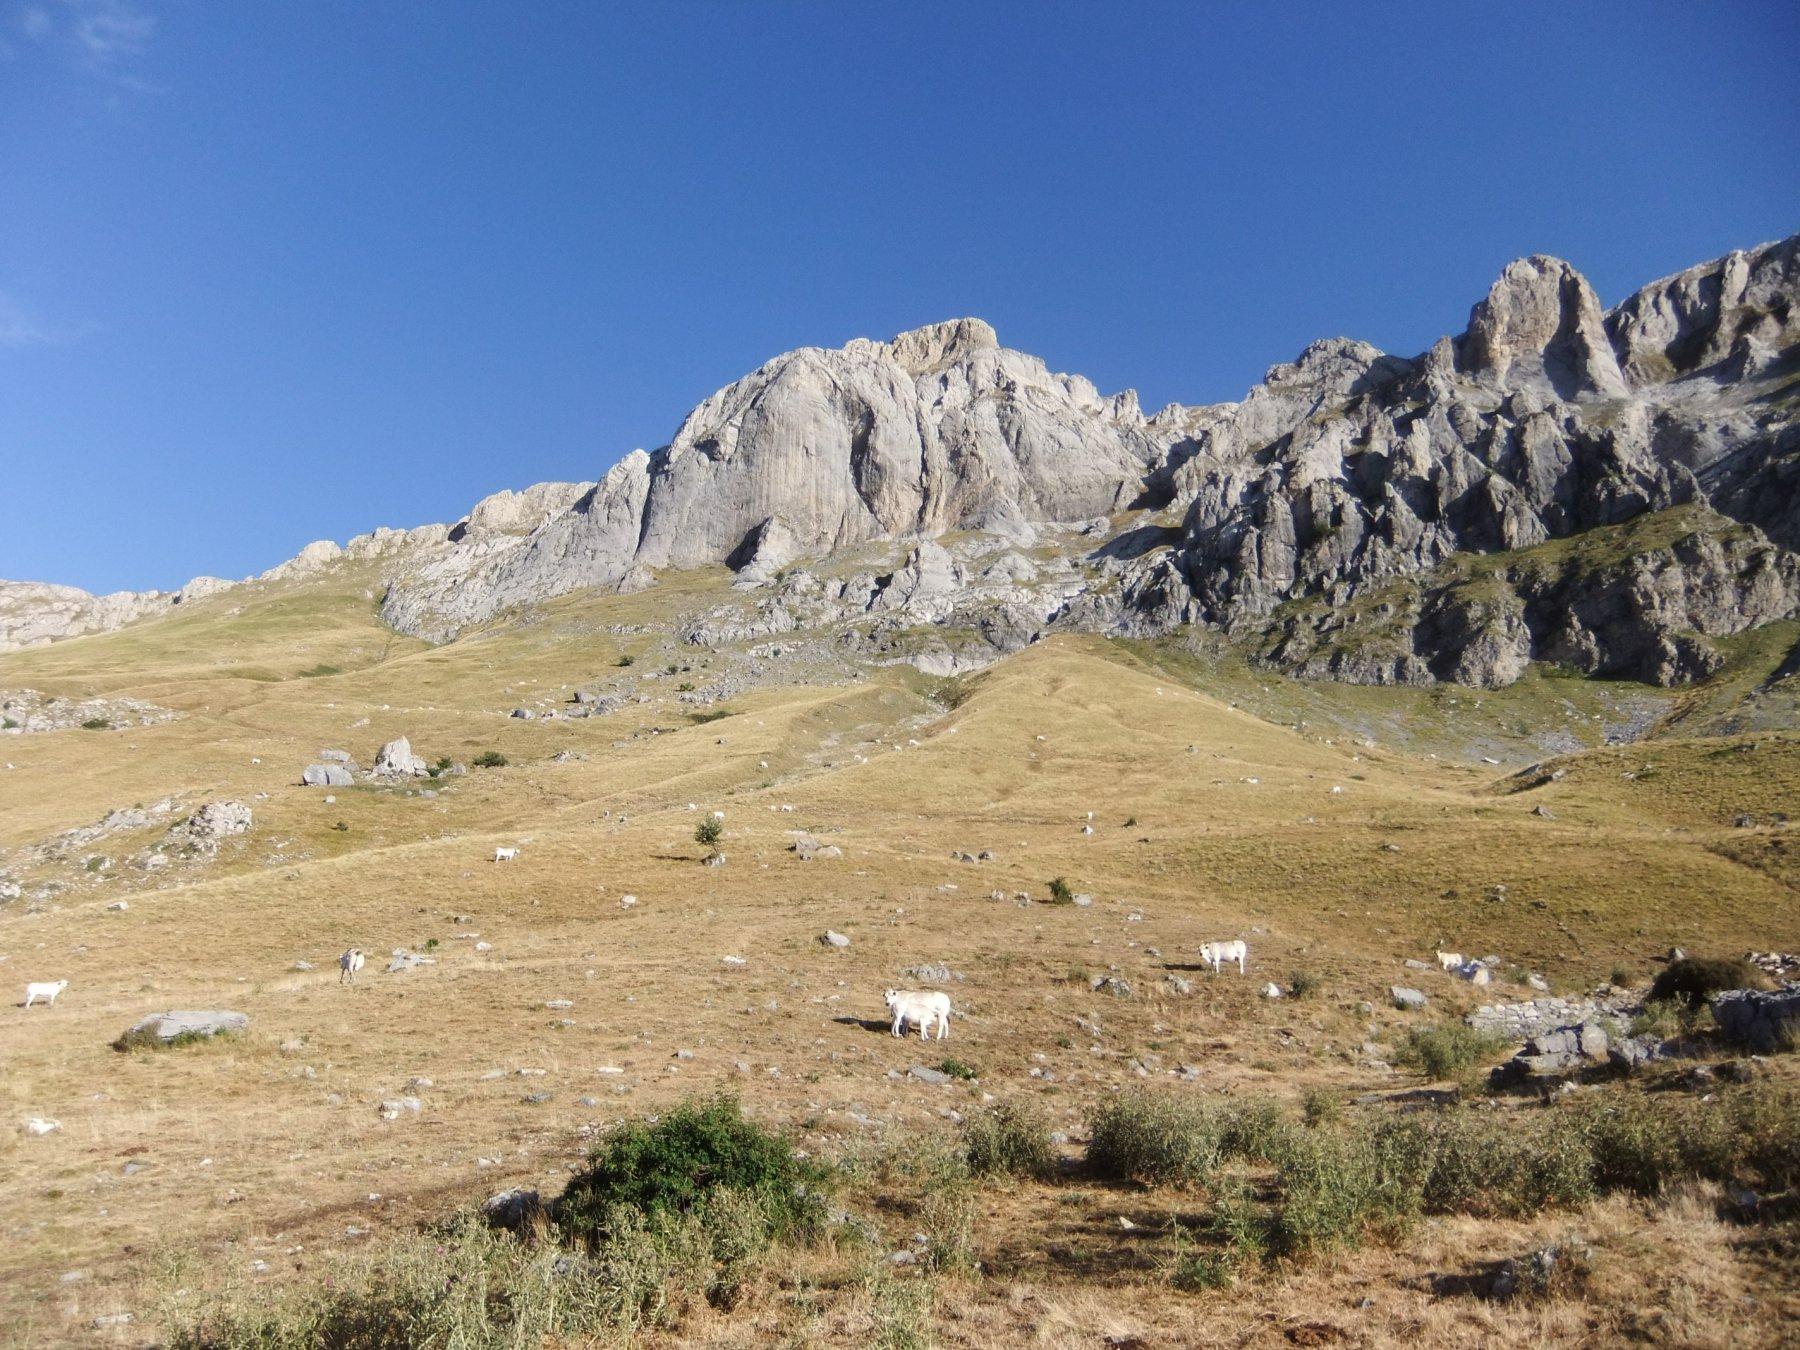 Il Passo del Cavallo all'estrema sinistra della foto